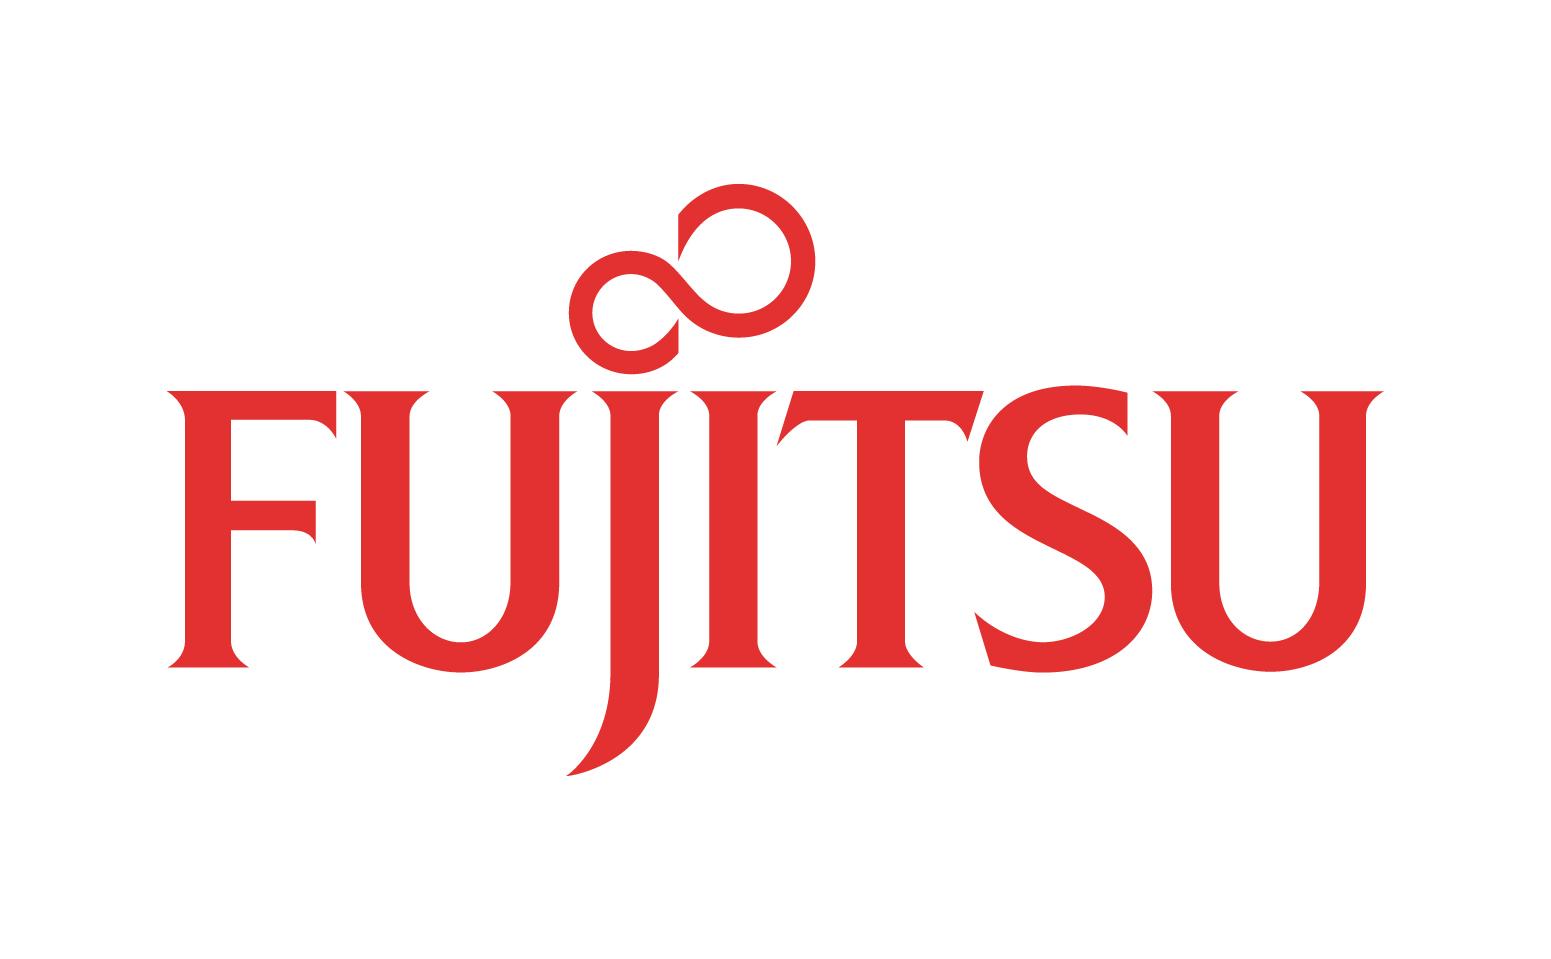 fujitus_log_pantone